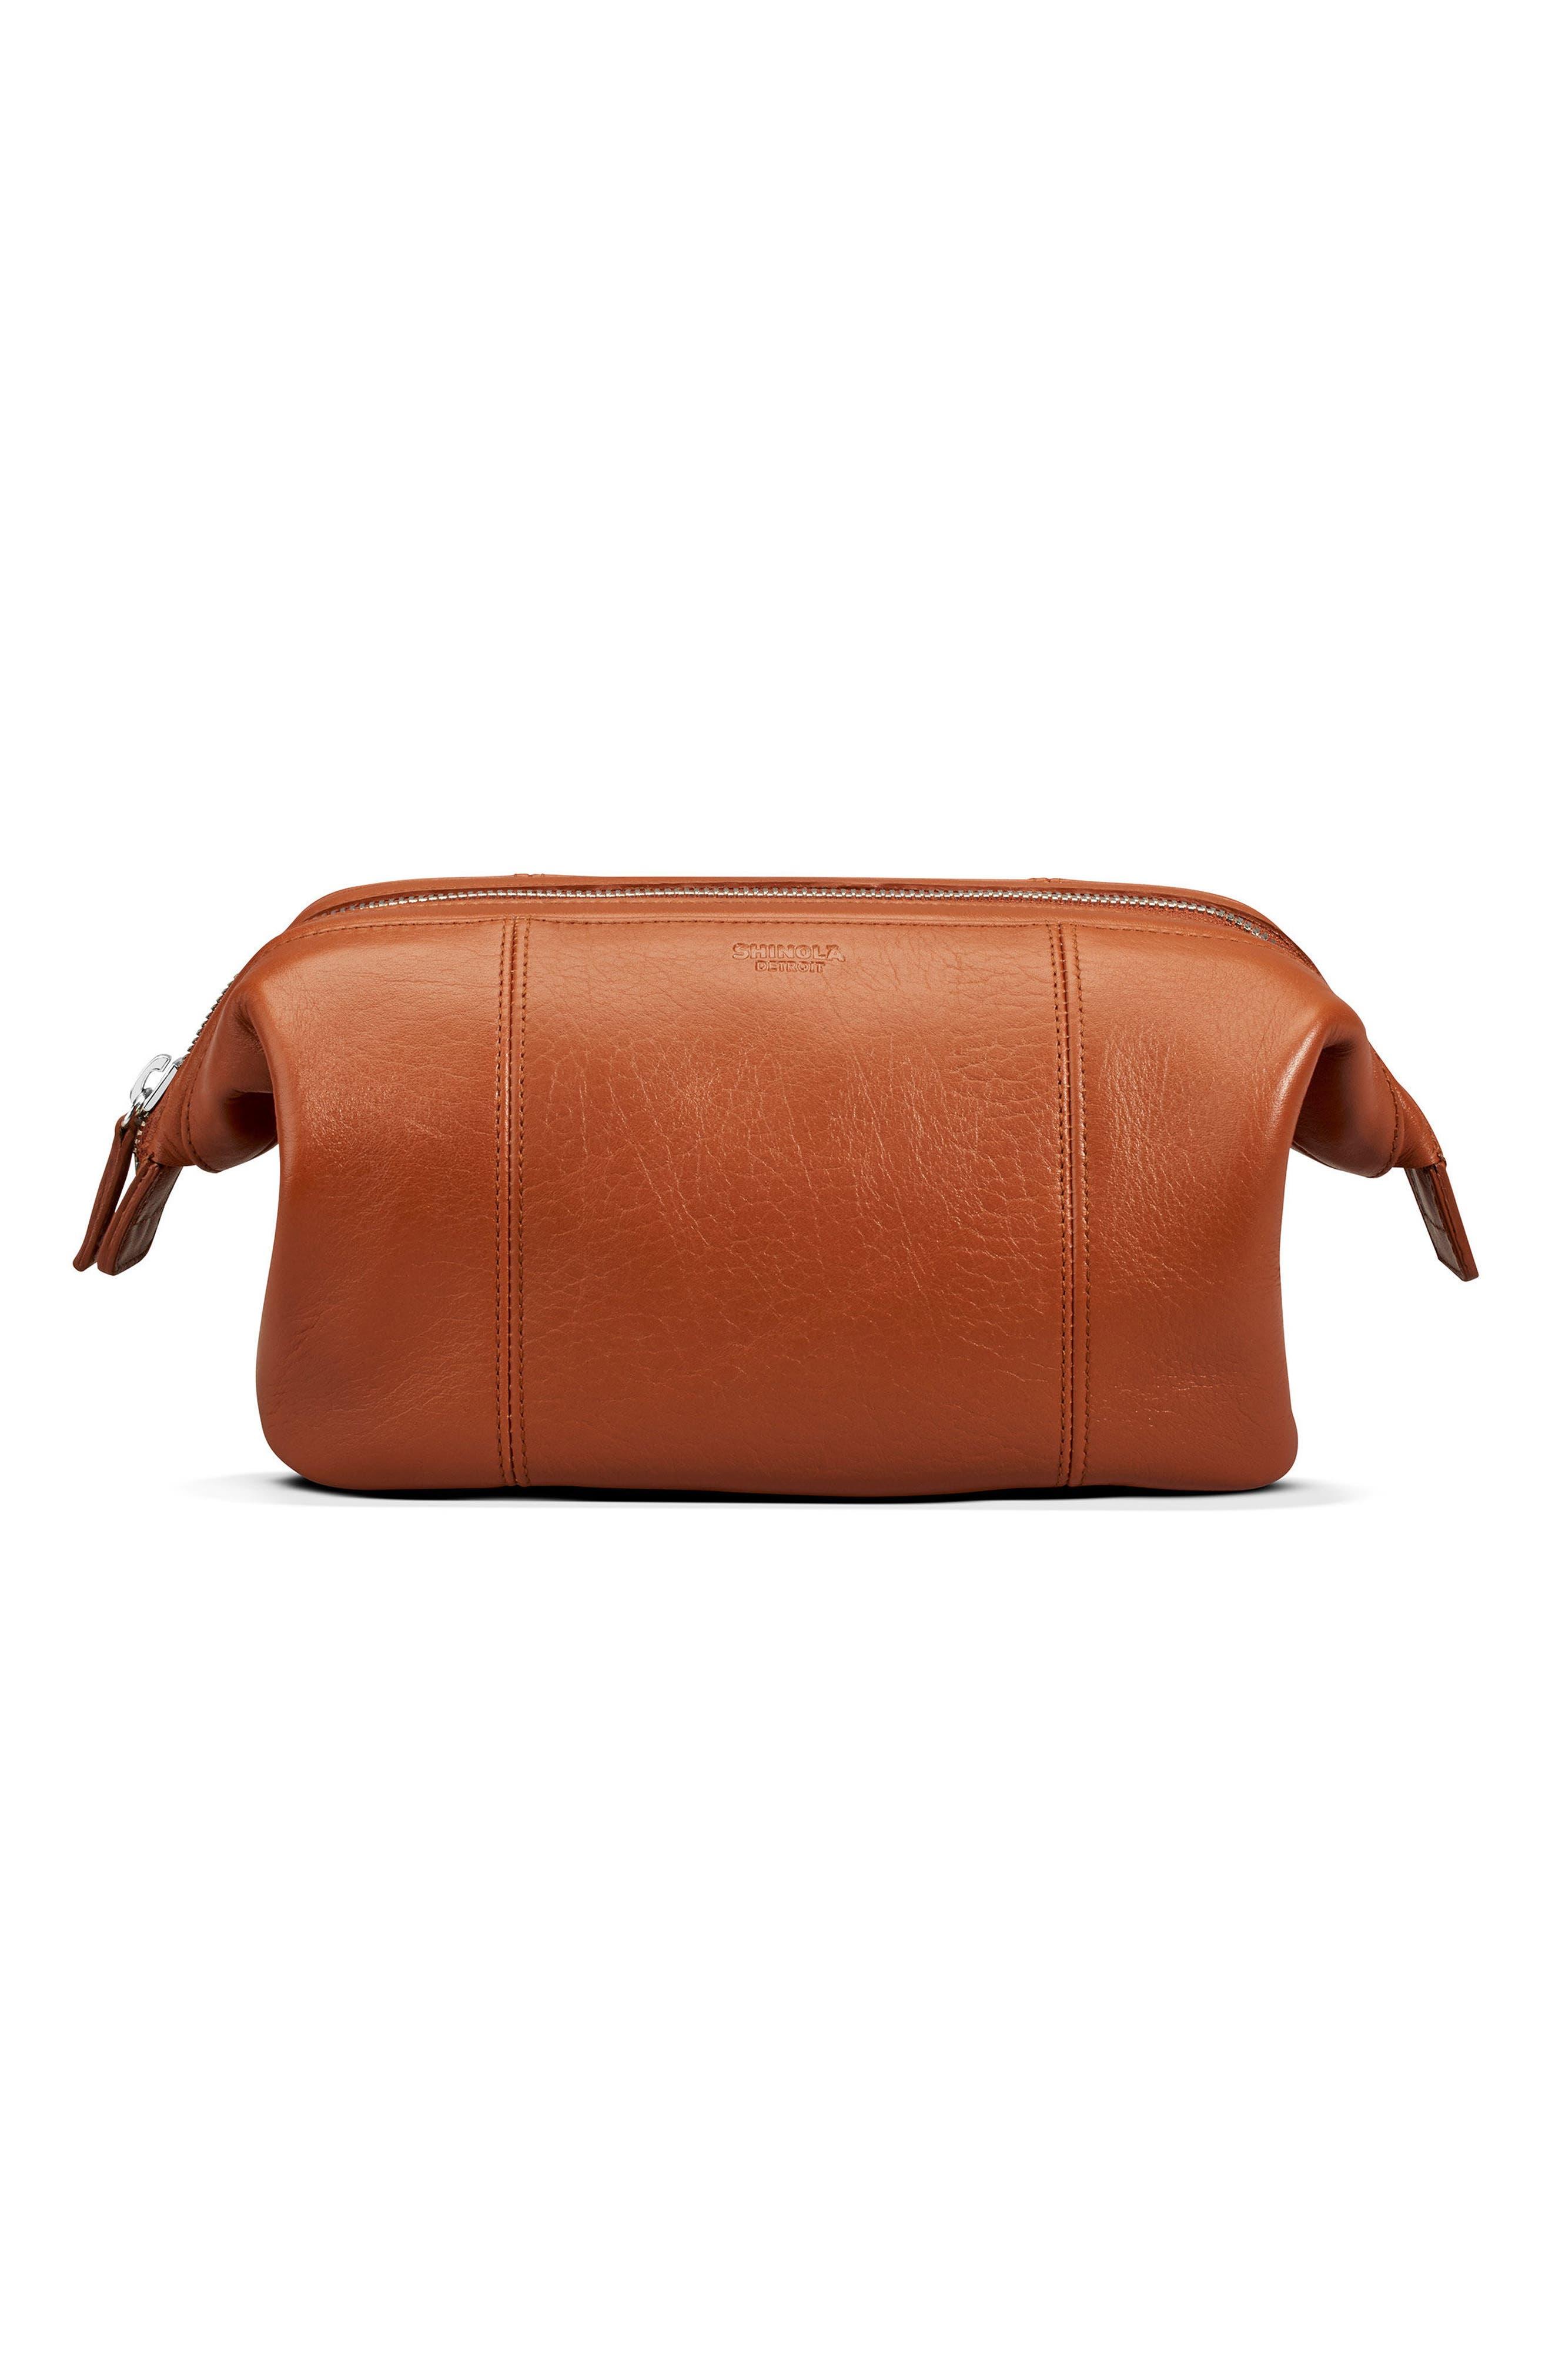 Leather Travel Kit,                             Main thumbnail 2, color,